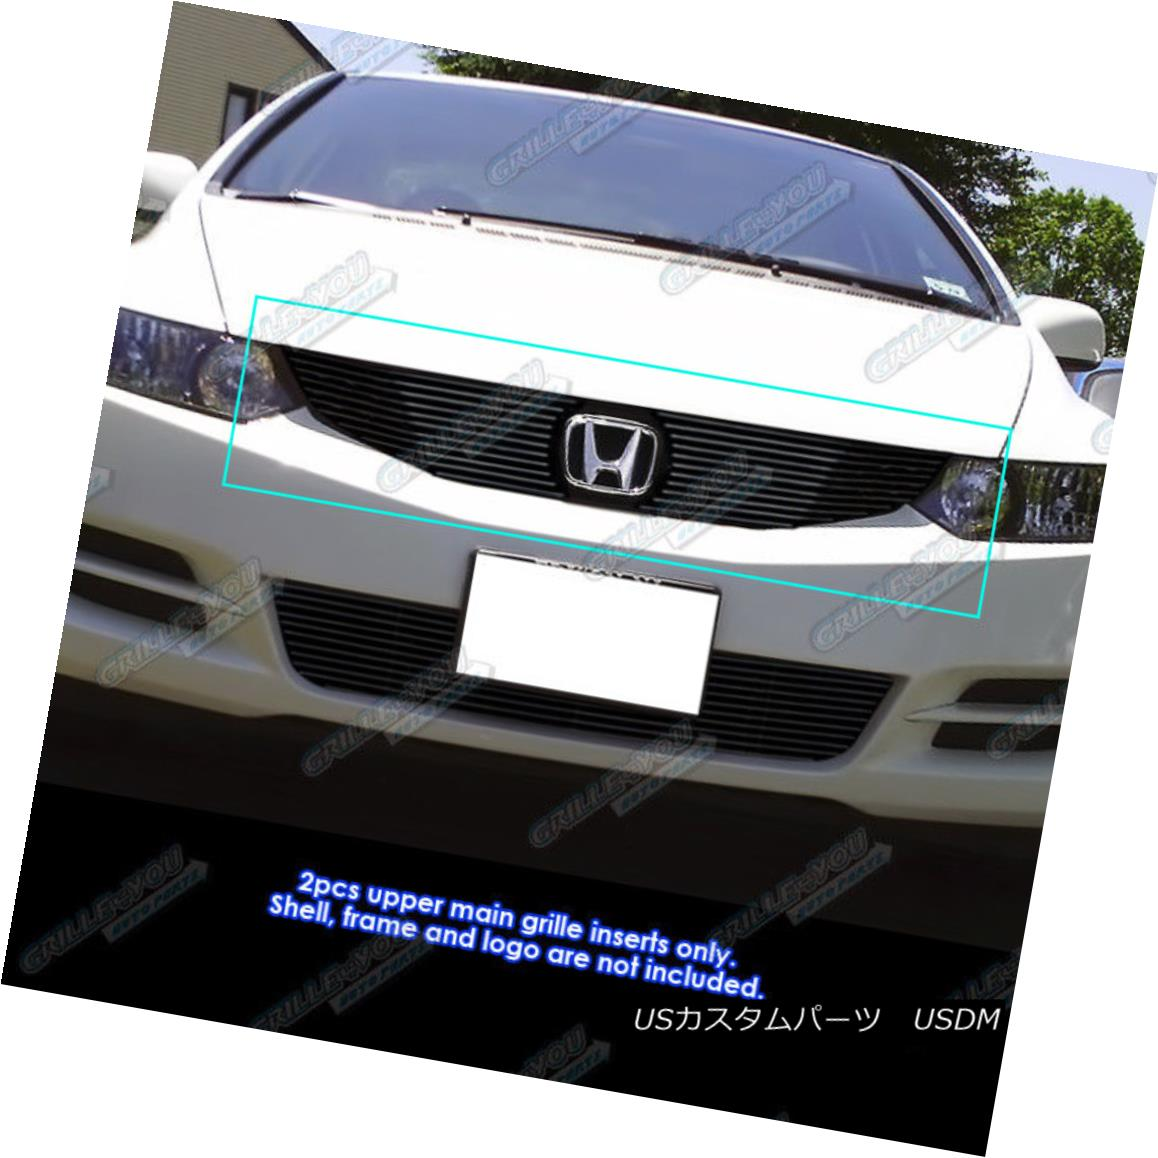 グリル Fits 09-11 2011 Honda Civic Coupe Black Main Upper Billet Grille Insert フィット2011年9月11日ホンダシビッククーペブラックメインアッパービレットグリルインサート